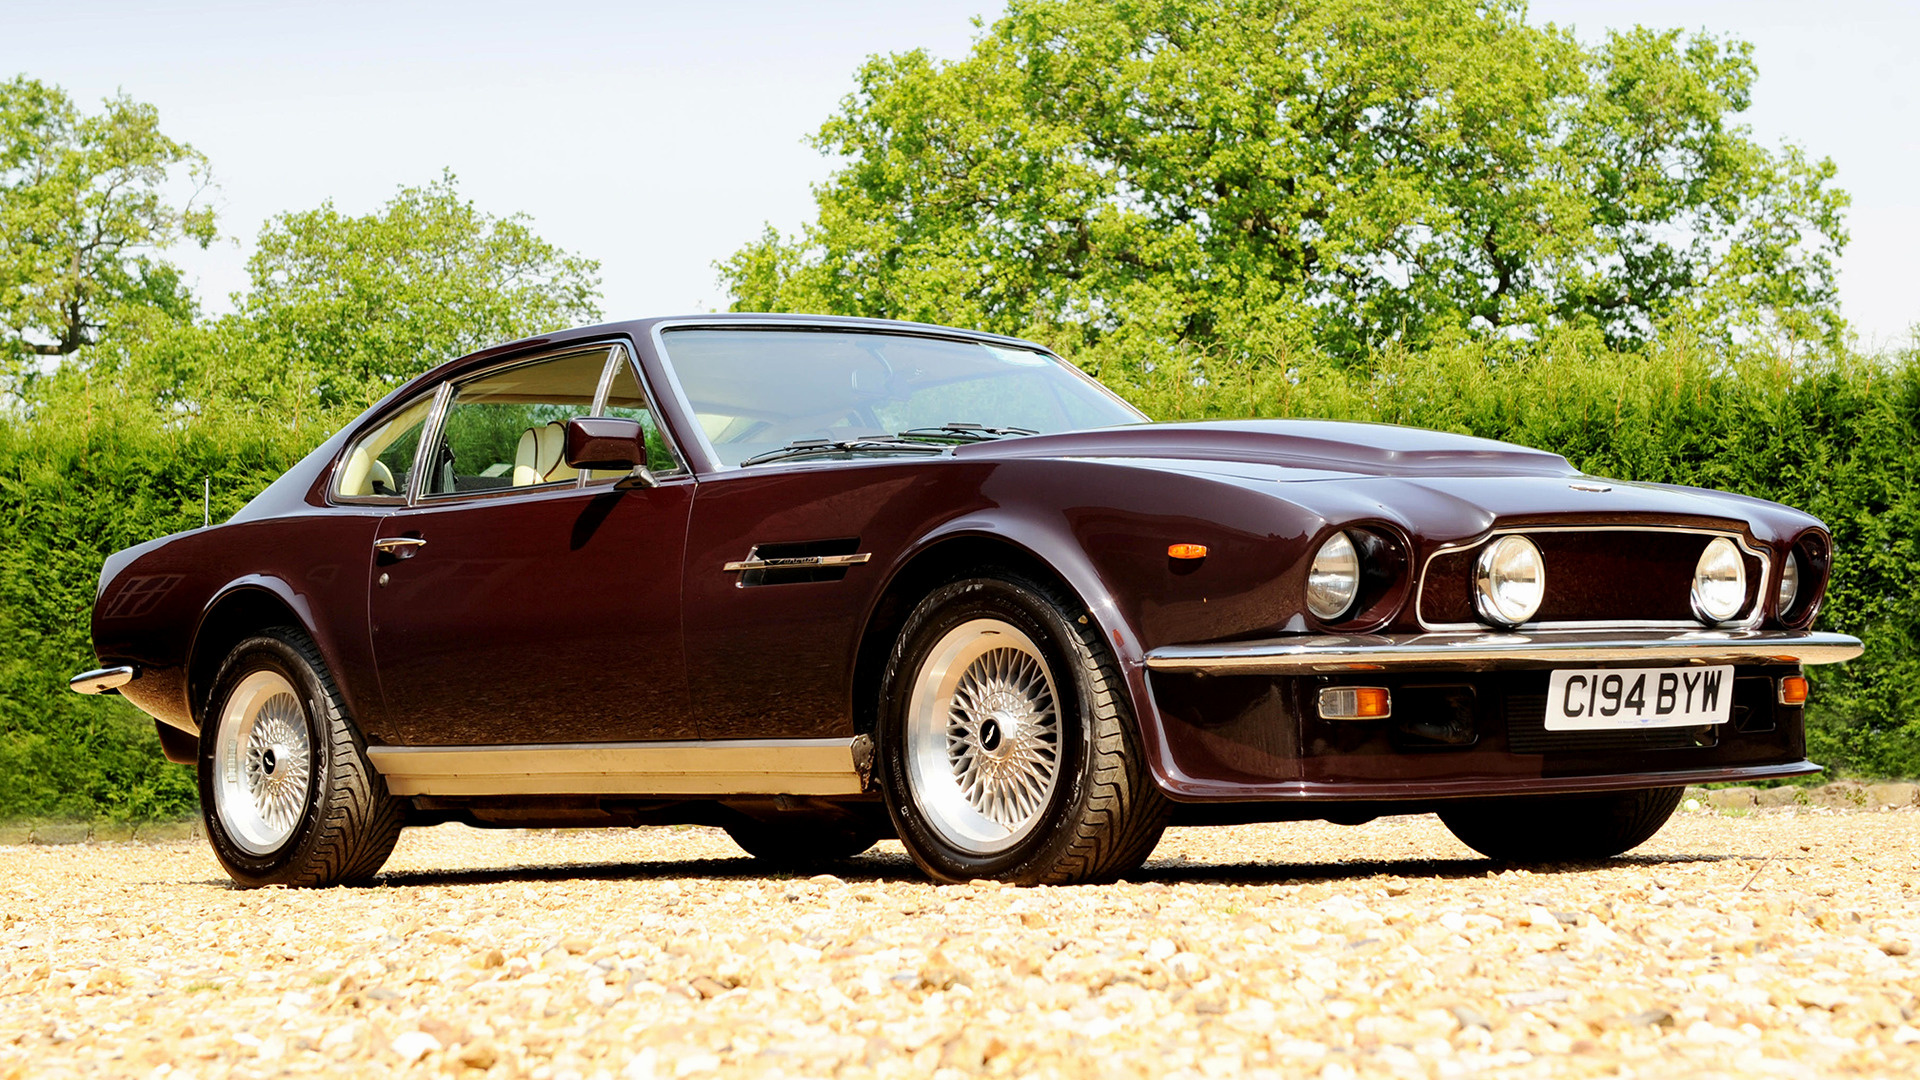 Aston Martin V Vantage Wallpaper Hd